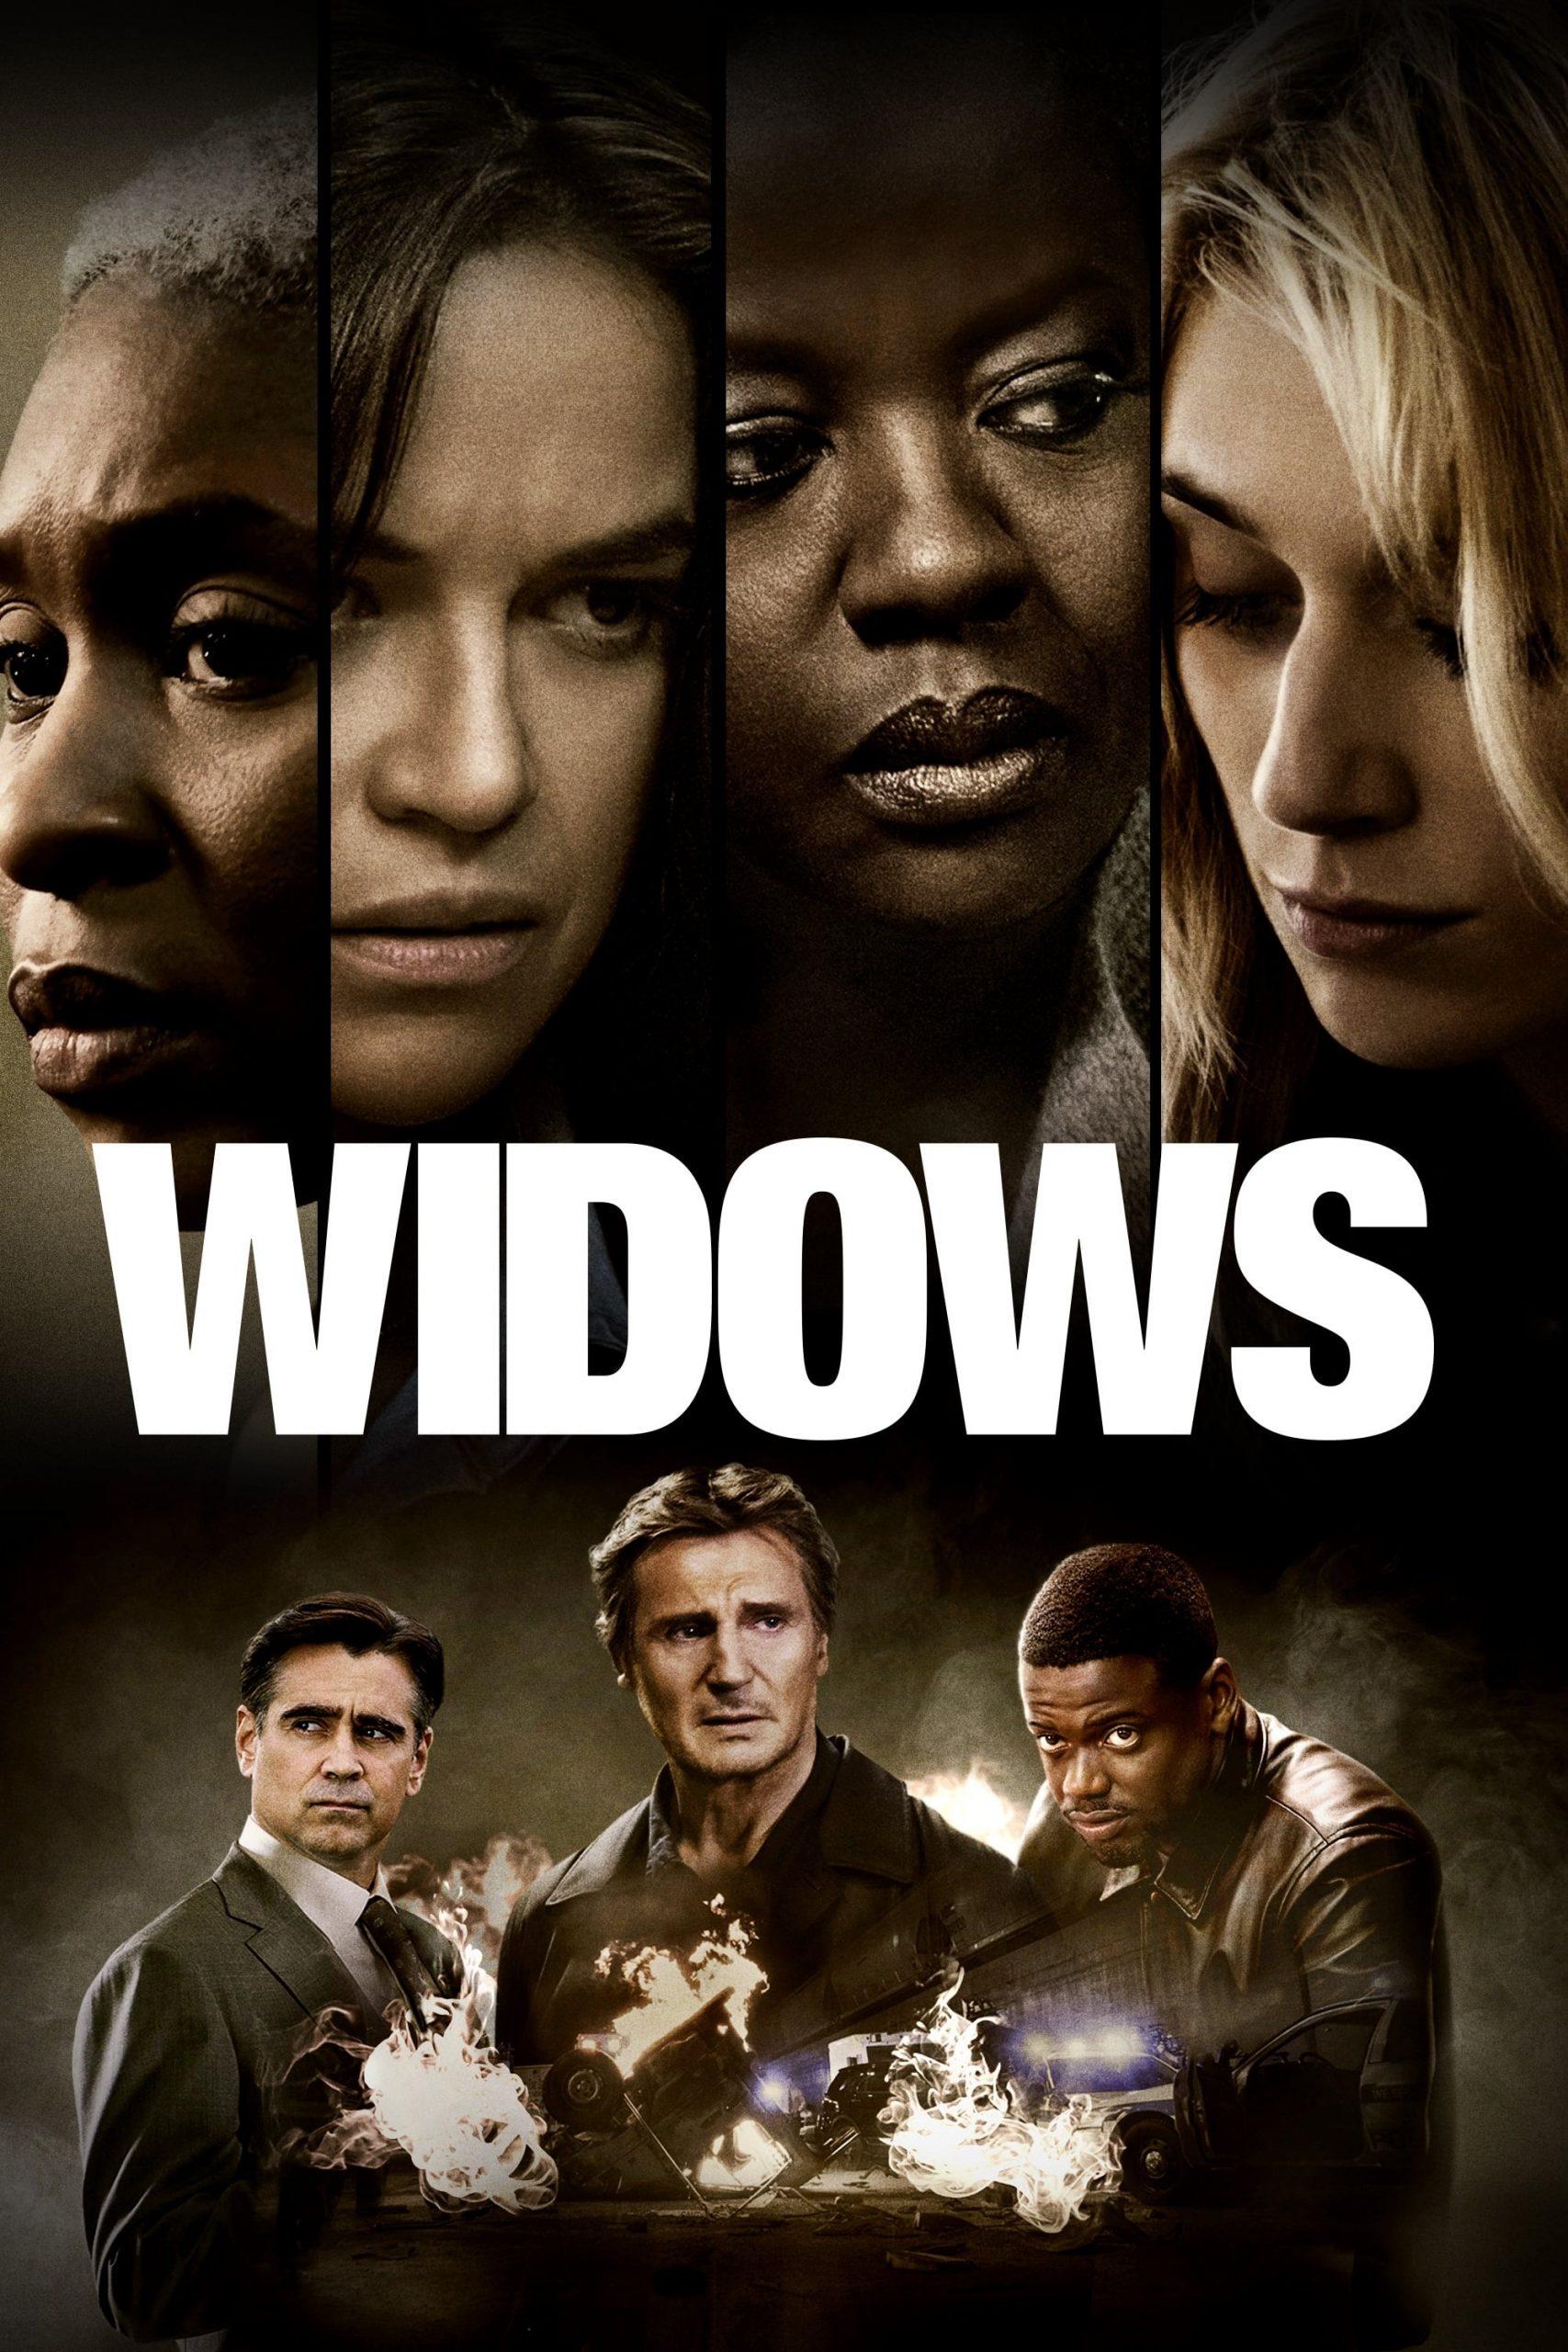 دانلود فیلم Widows 2018 با دوبله فارسی